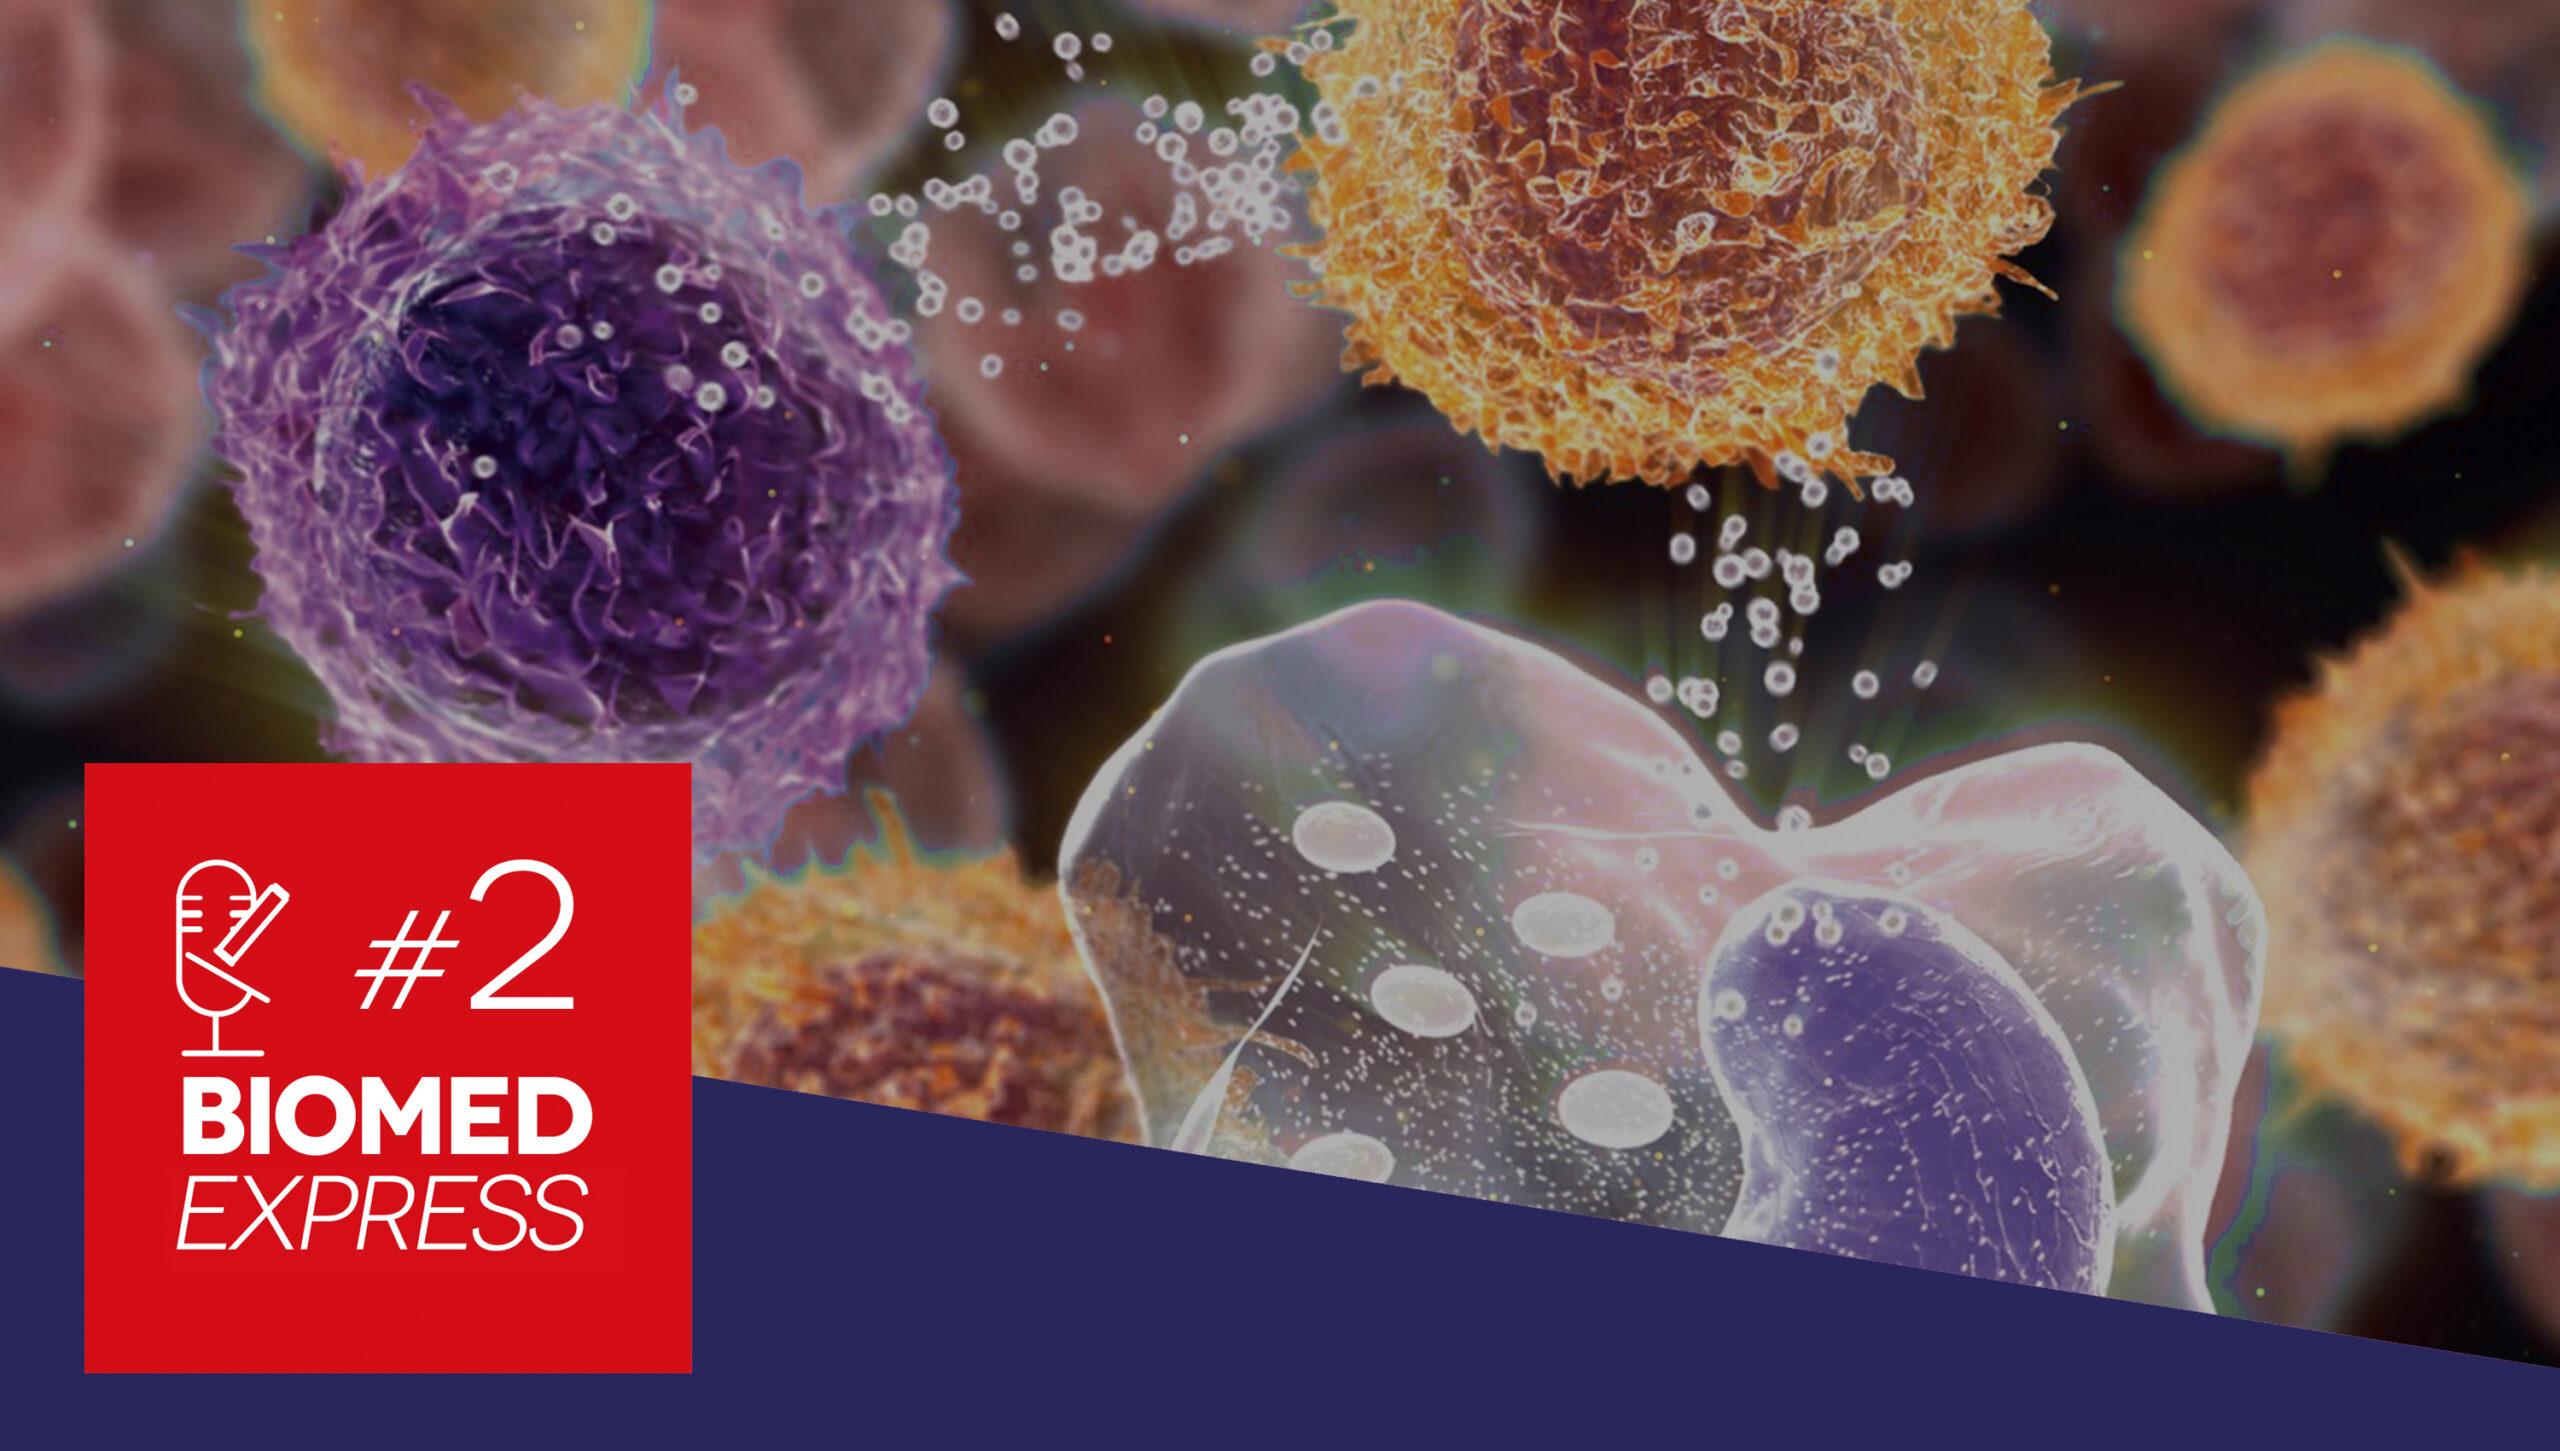 #2 Biomed Express – A Vacina Contra o Câncer